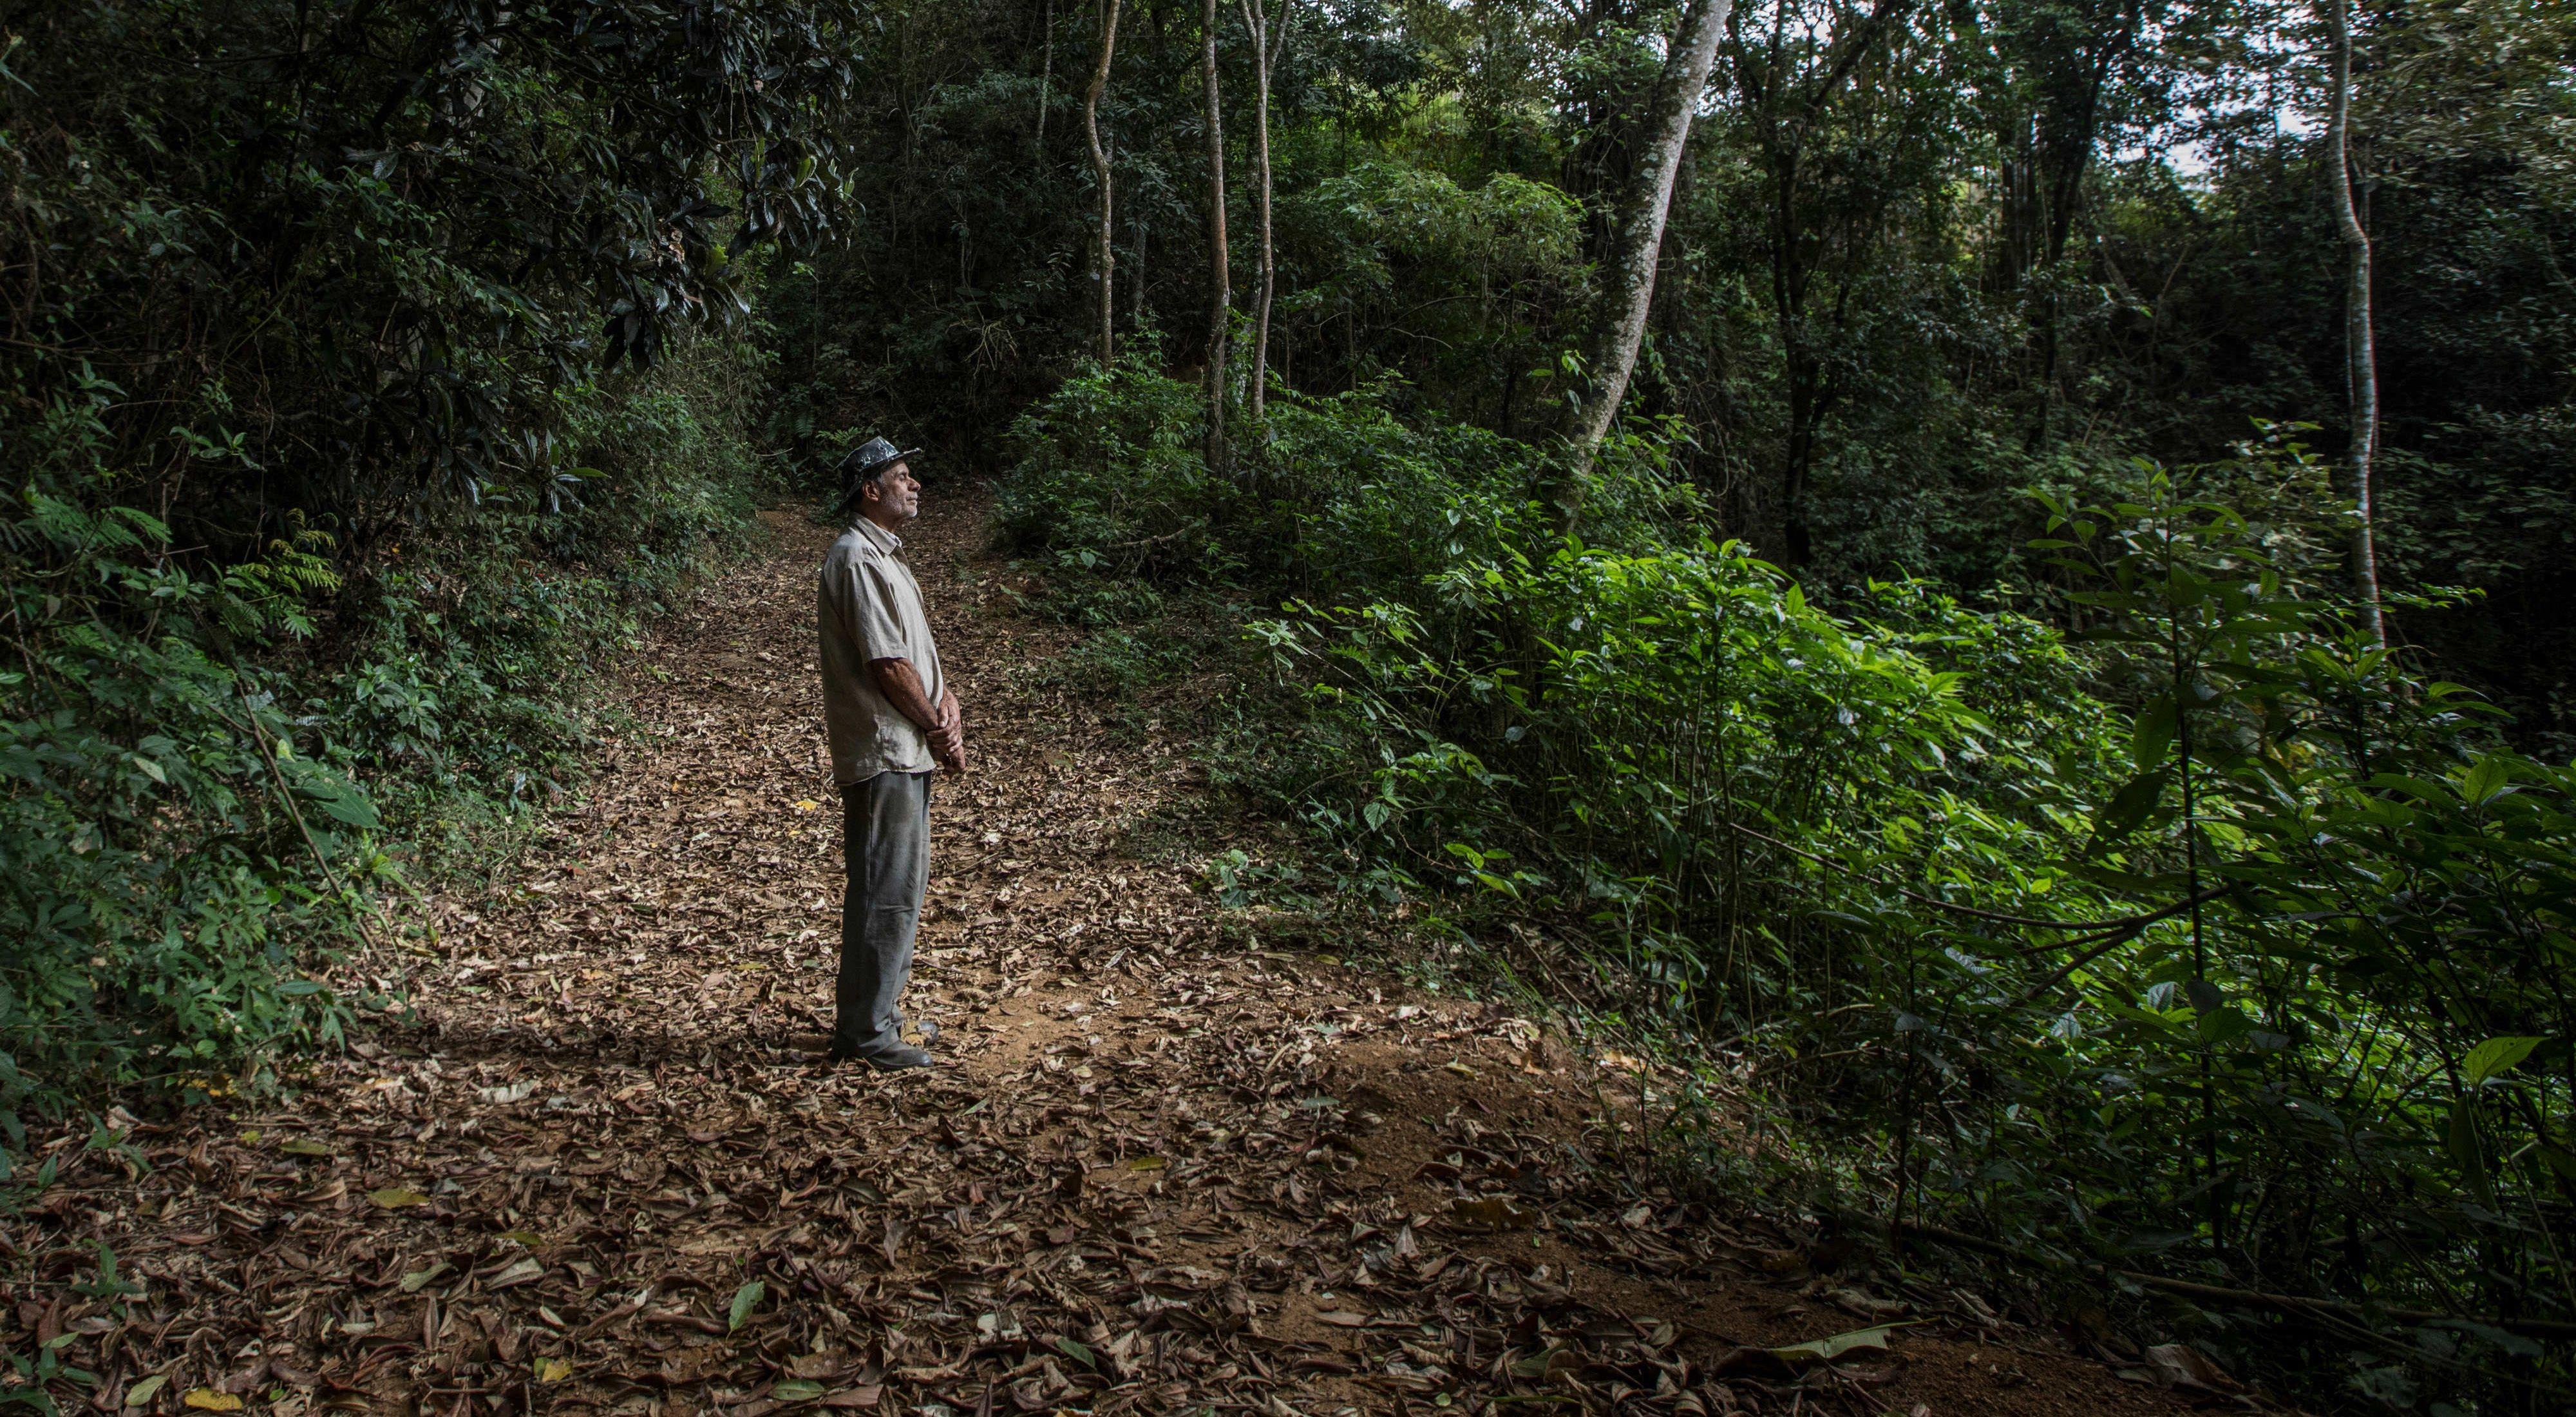 Itamar da Silva em uma trilha na área de reserva legal do sítio de sua família em Afonso Cláudio, no Espírito Santo.